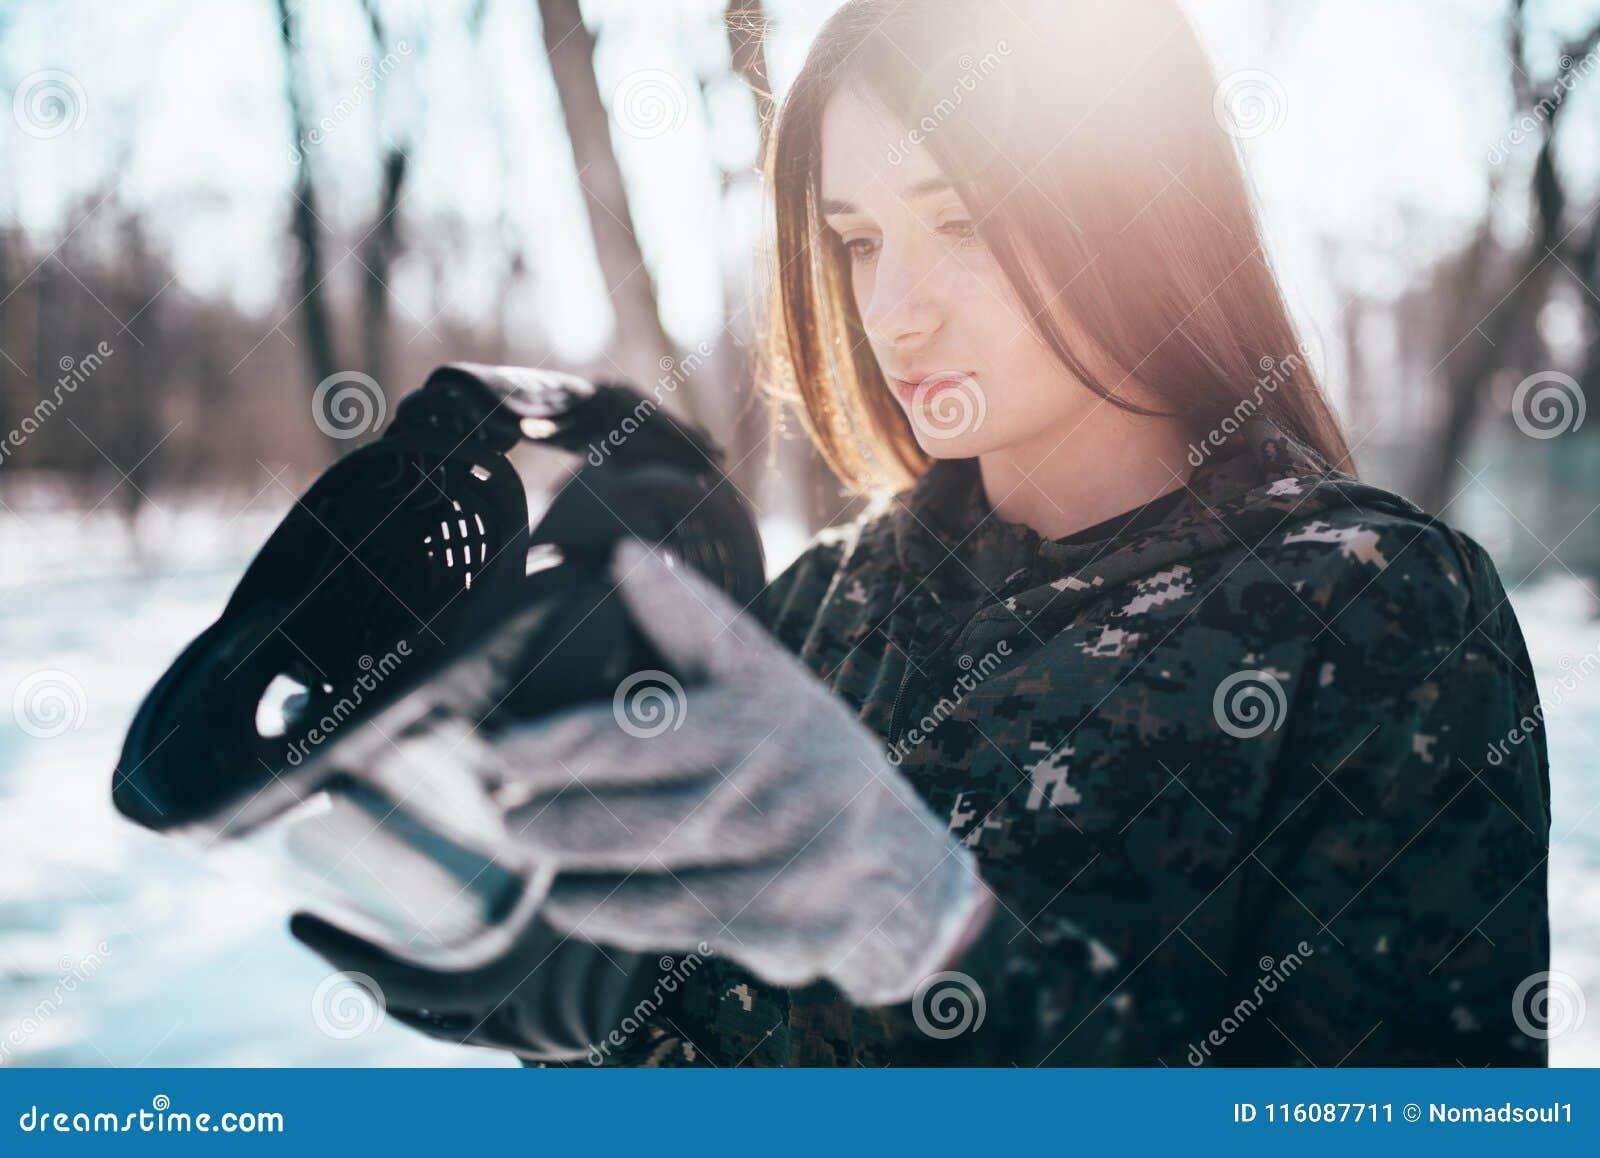 Le joueur féminin de paintball met dessus le masque de protection